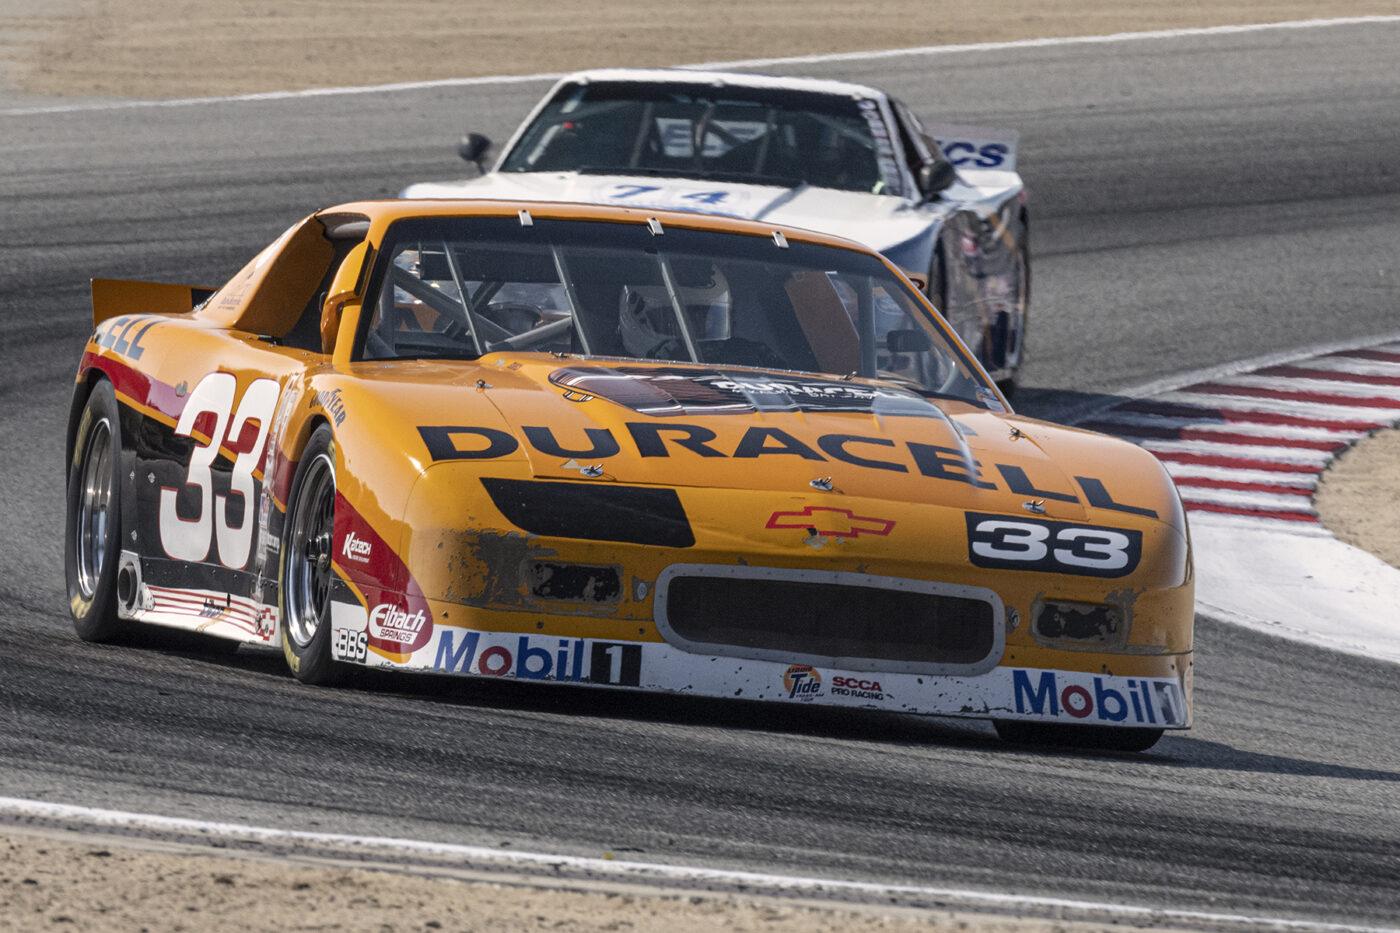 Bill Ockerlund's 1991 Chevrolet Camaro 5700 exits turn five late Saturday afternoon. ©2021 Dennis Gray